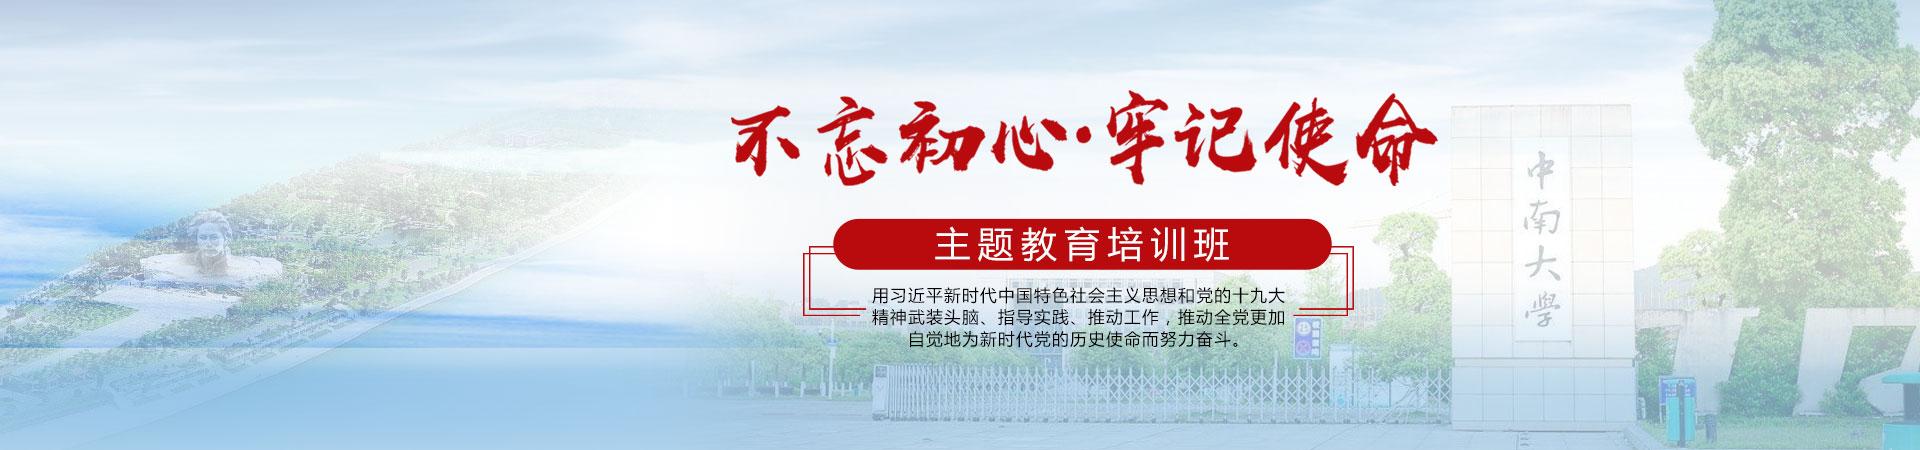 中南大学干部培训